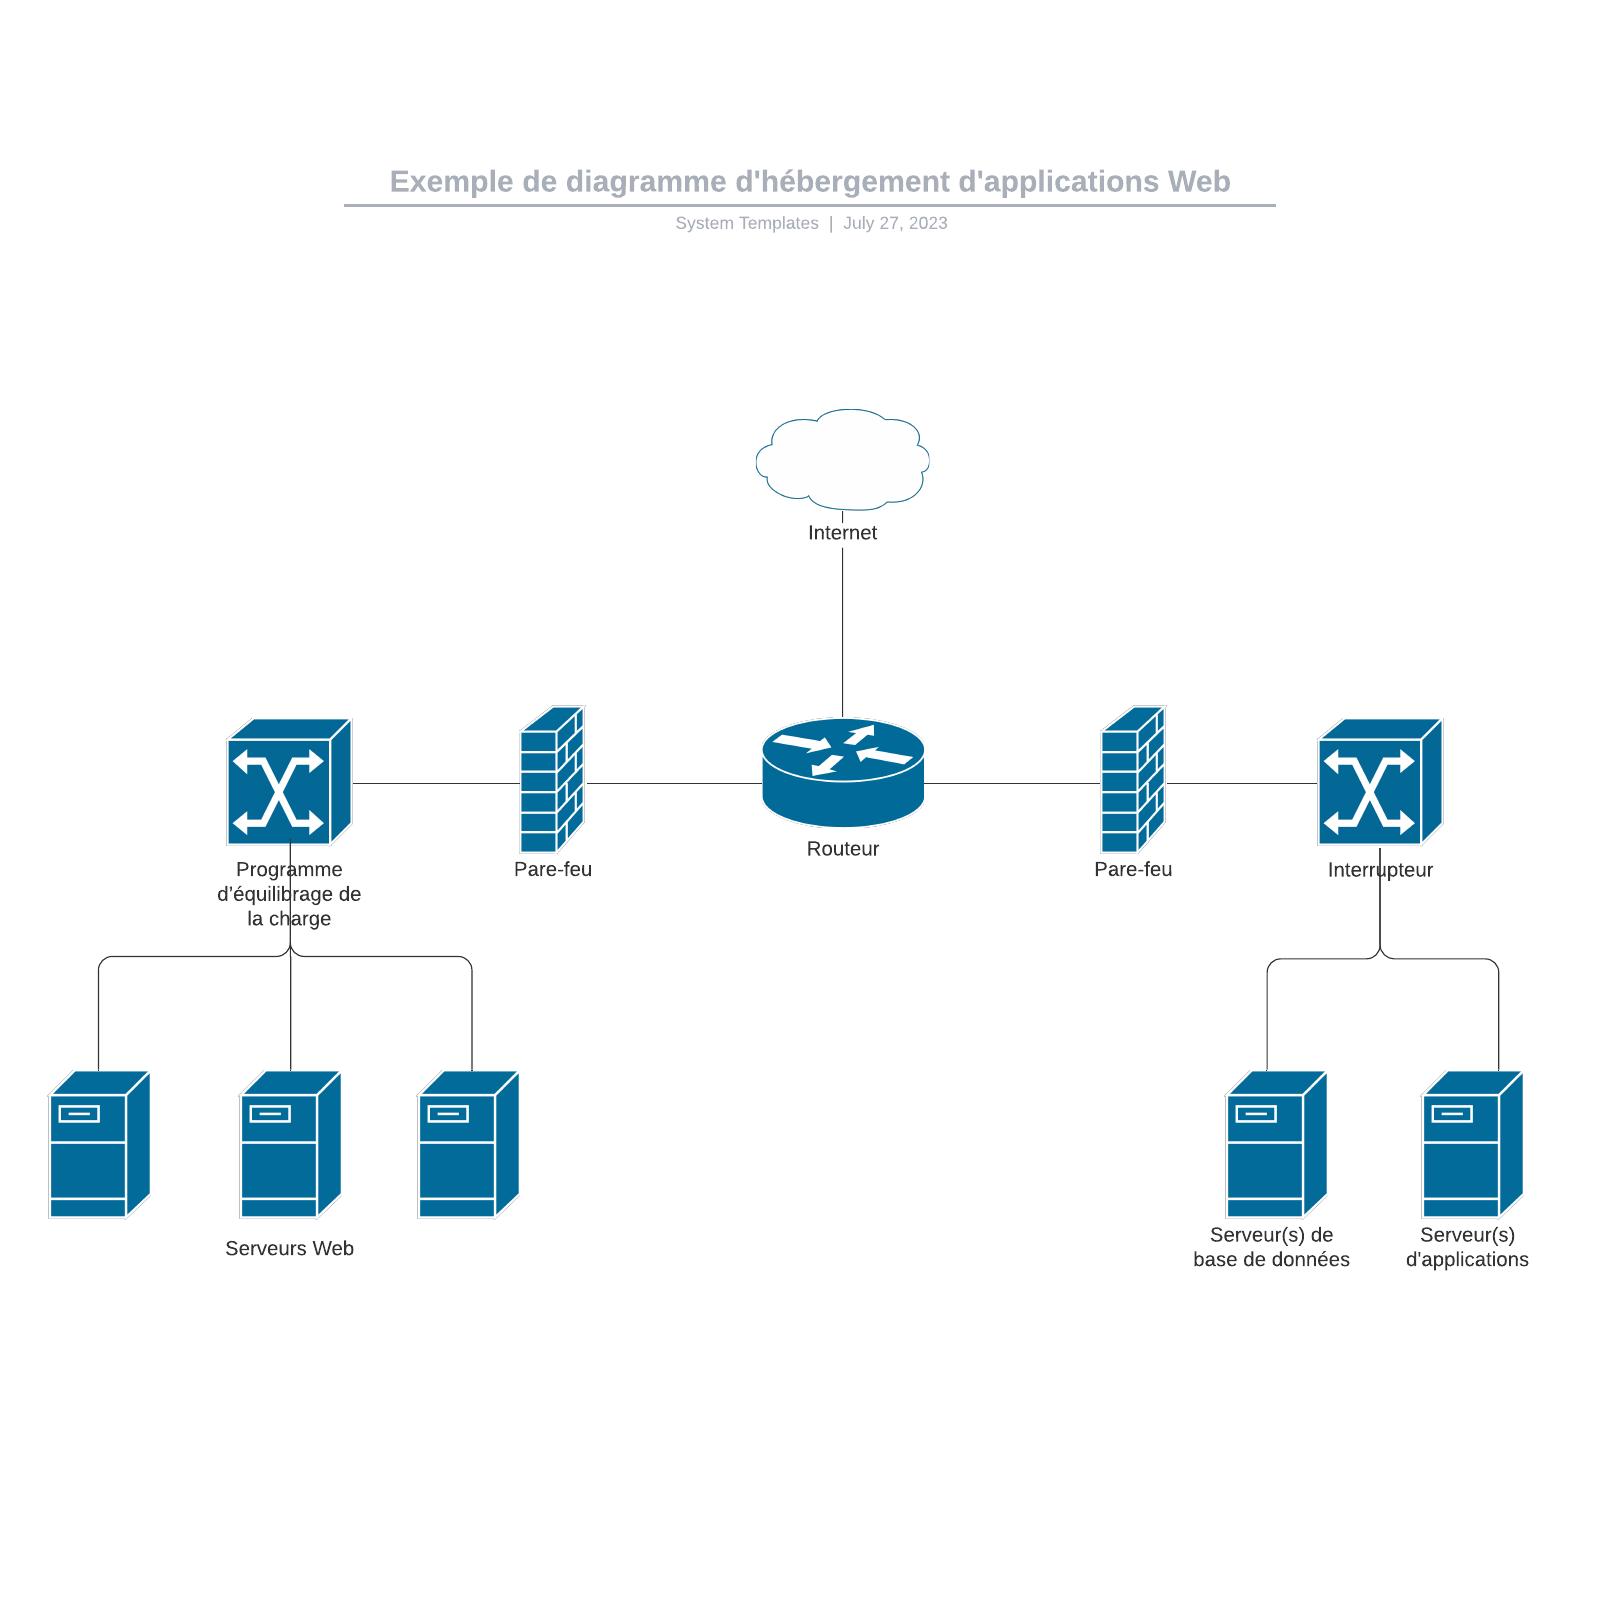 exemple de diagramme d'hébergement d'applications Web vierge